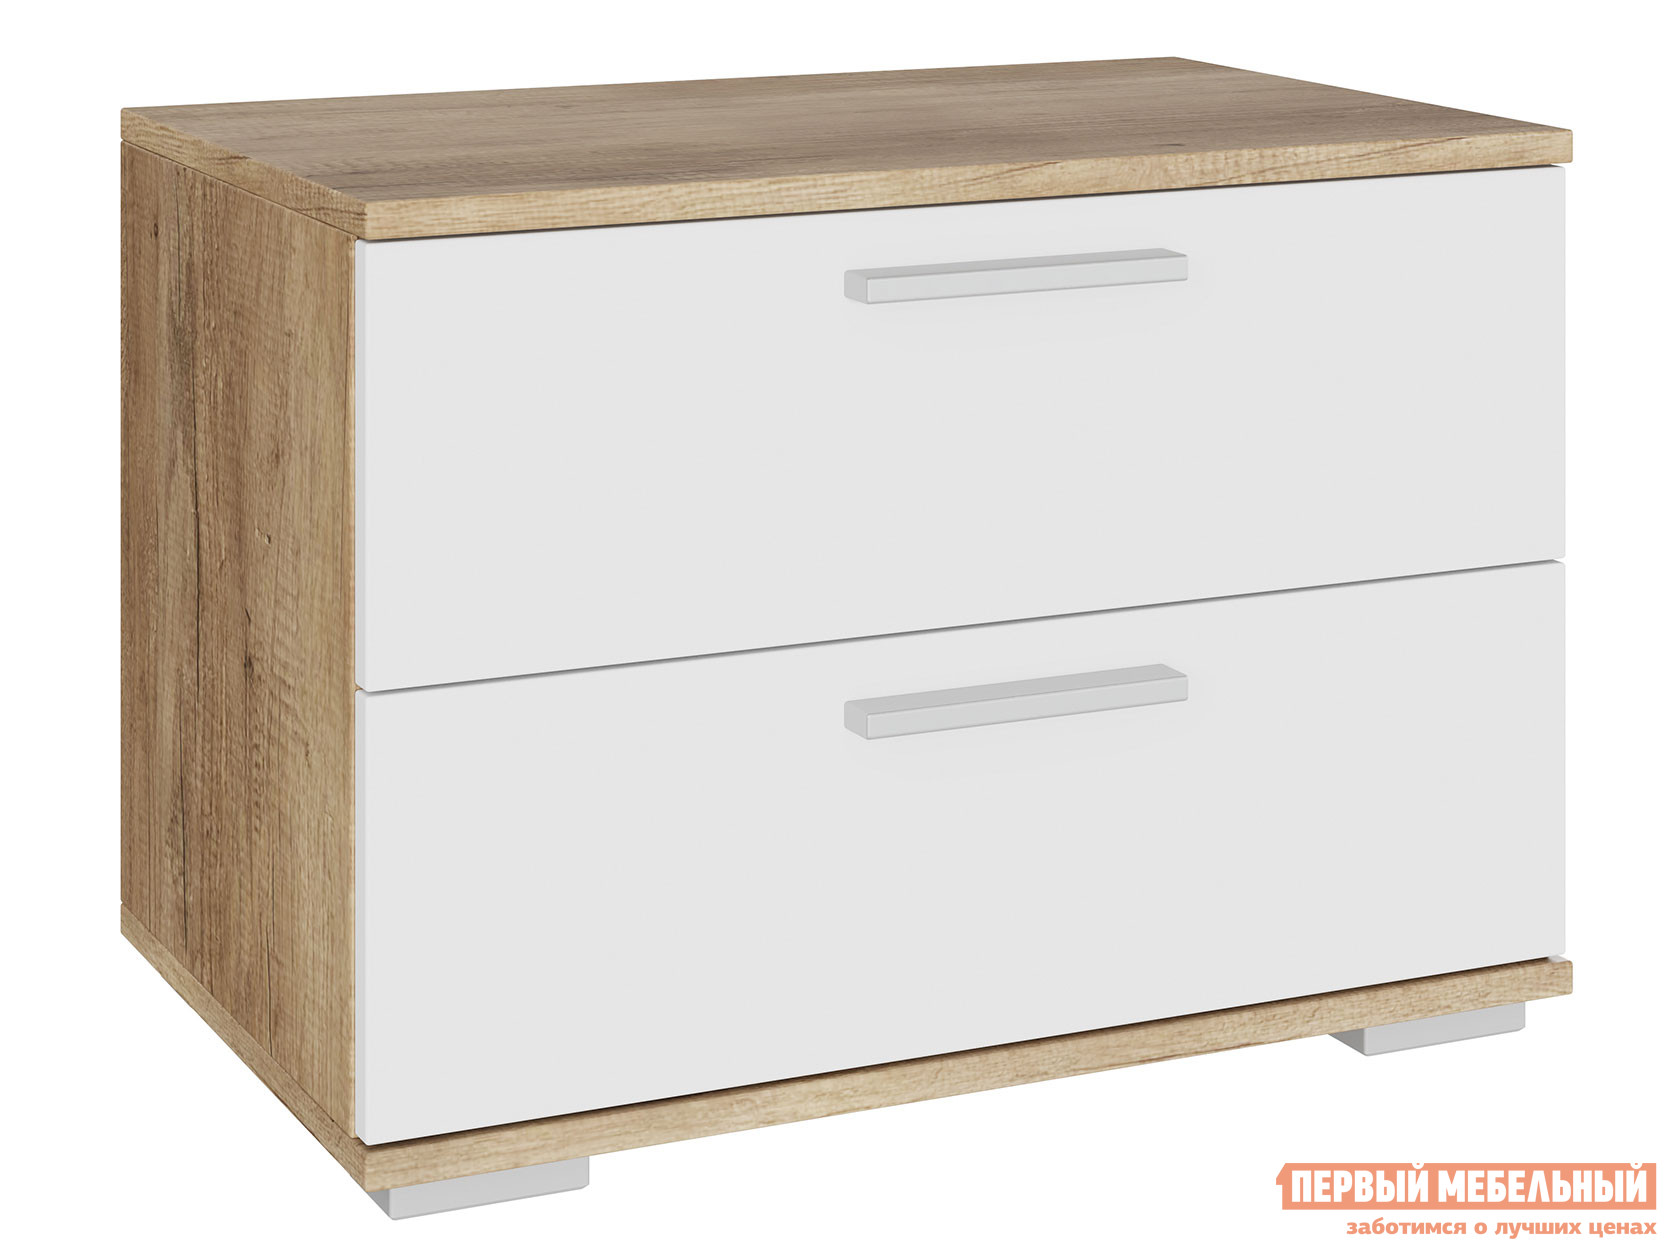 ТВ-тумба Первый Мебельный Тумба под ТВ 2 ящика Лейла / Тумба под ТВ малая с 2 ящиками Лейла комоды под тв узкие